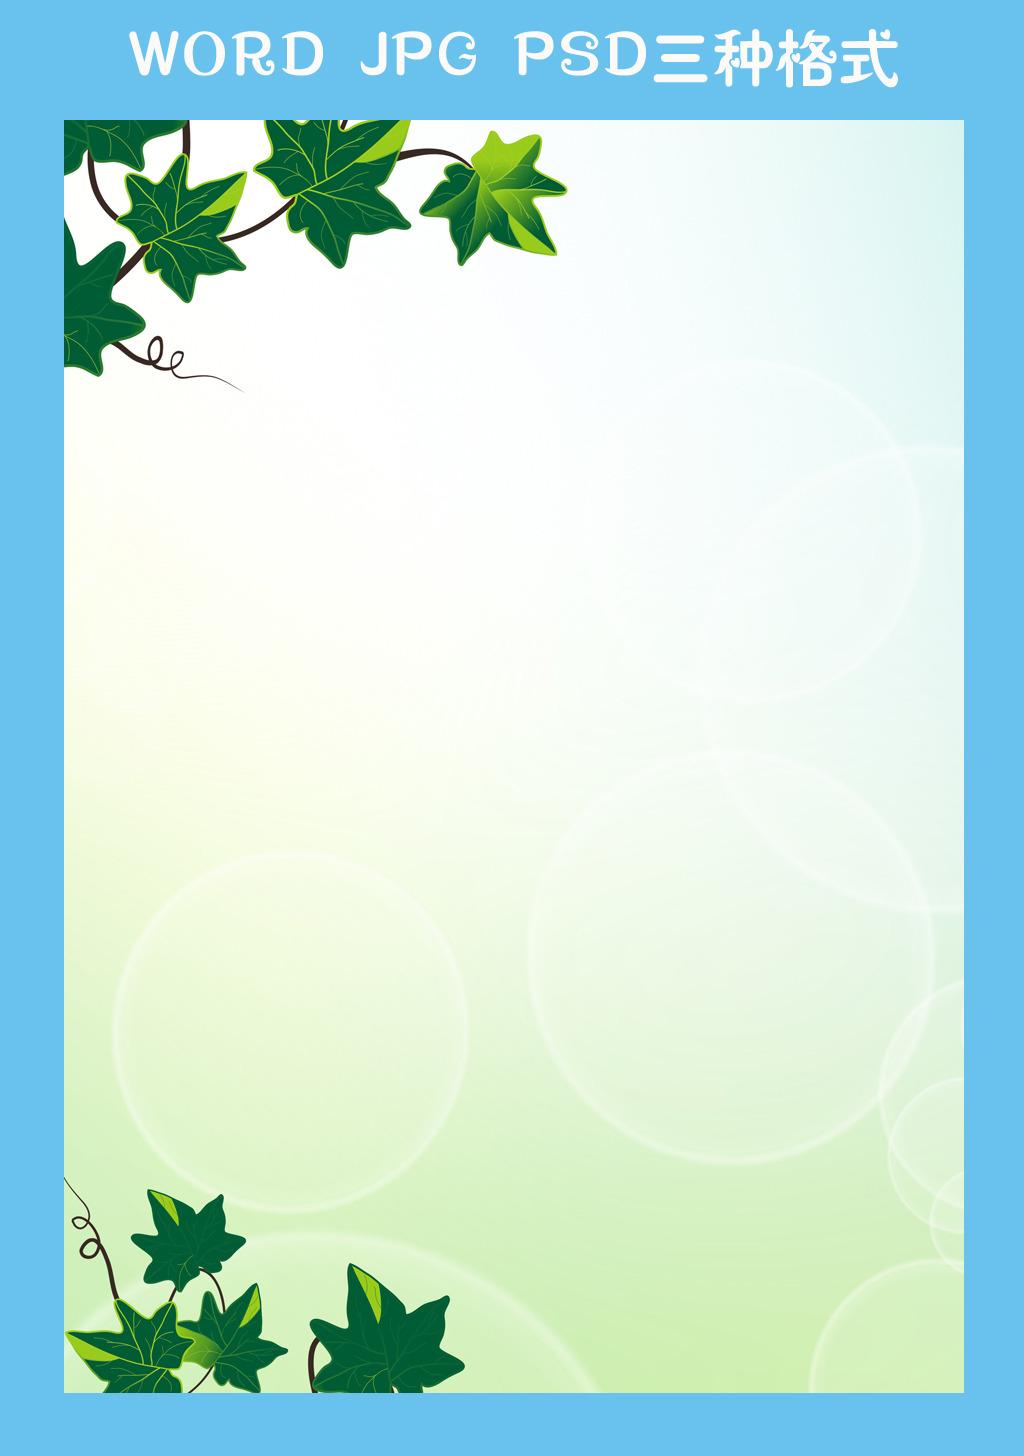 办公|ppt模板 word模板 信纸背景 > 清新绿叶信纸背景  下一张&图片